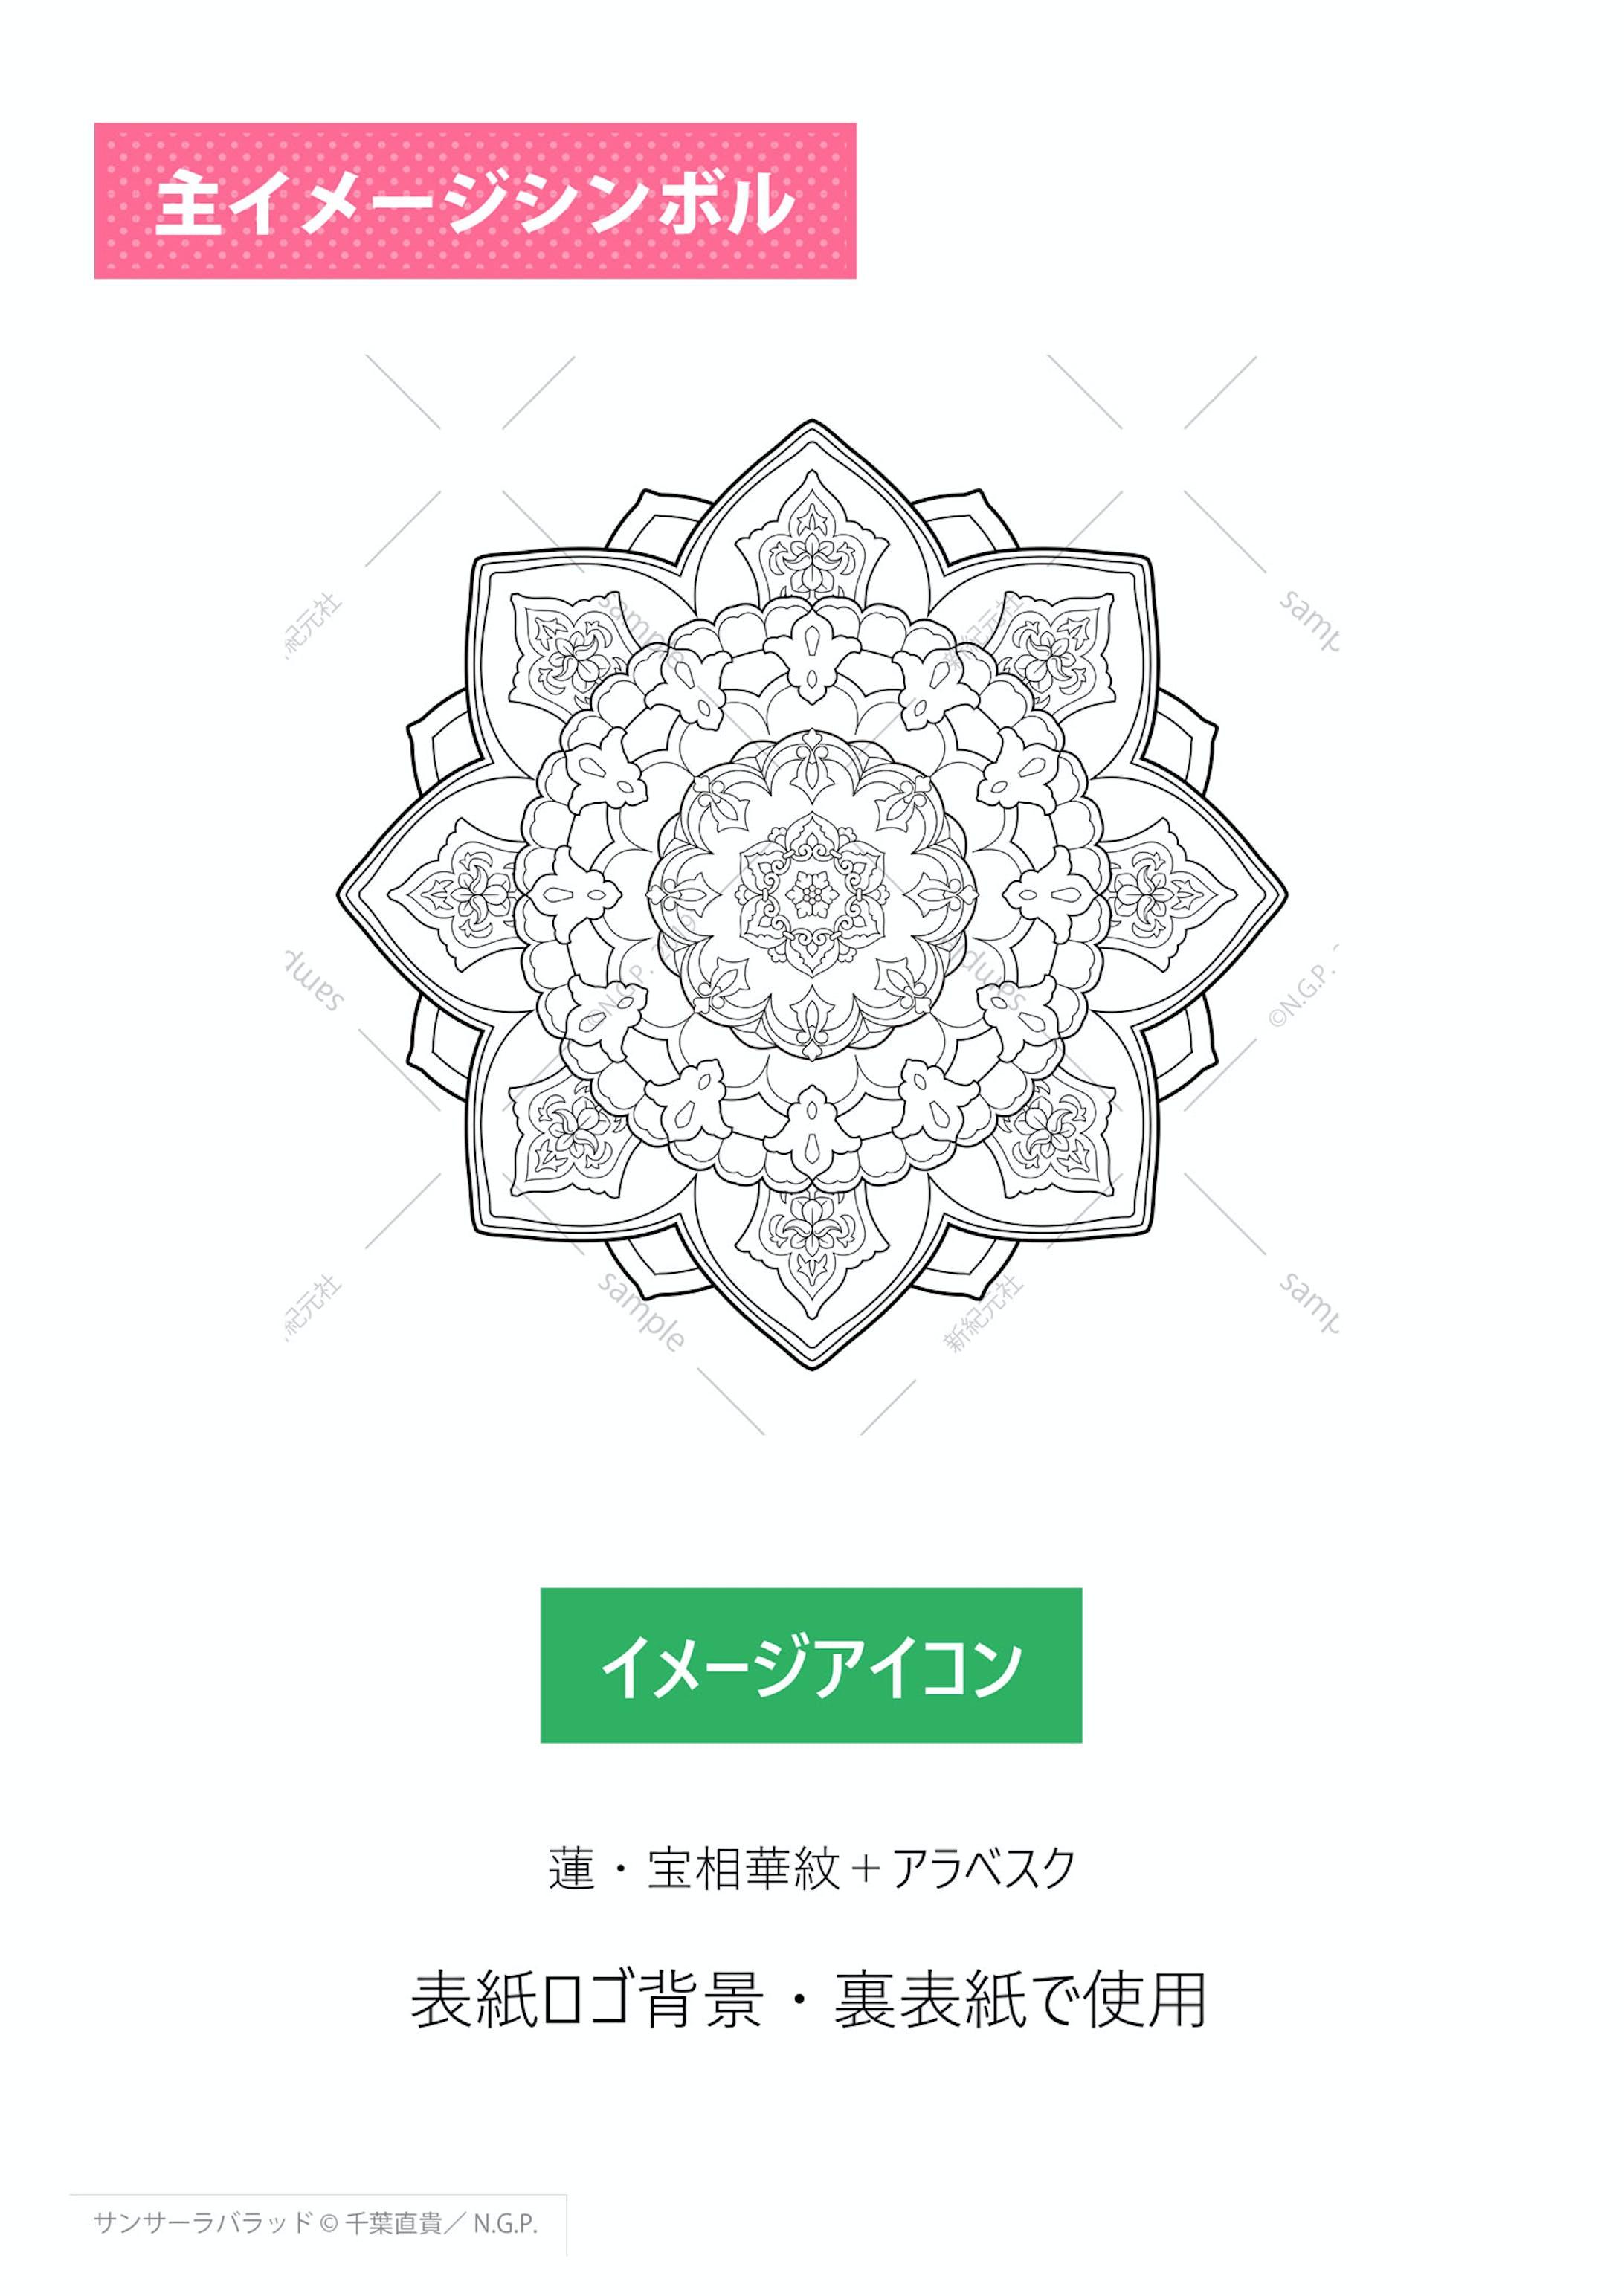 異世界転生RPG サンサーラ・バラッド - 誌面デザイン-10